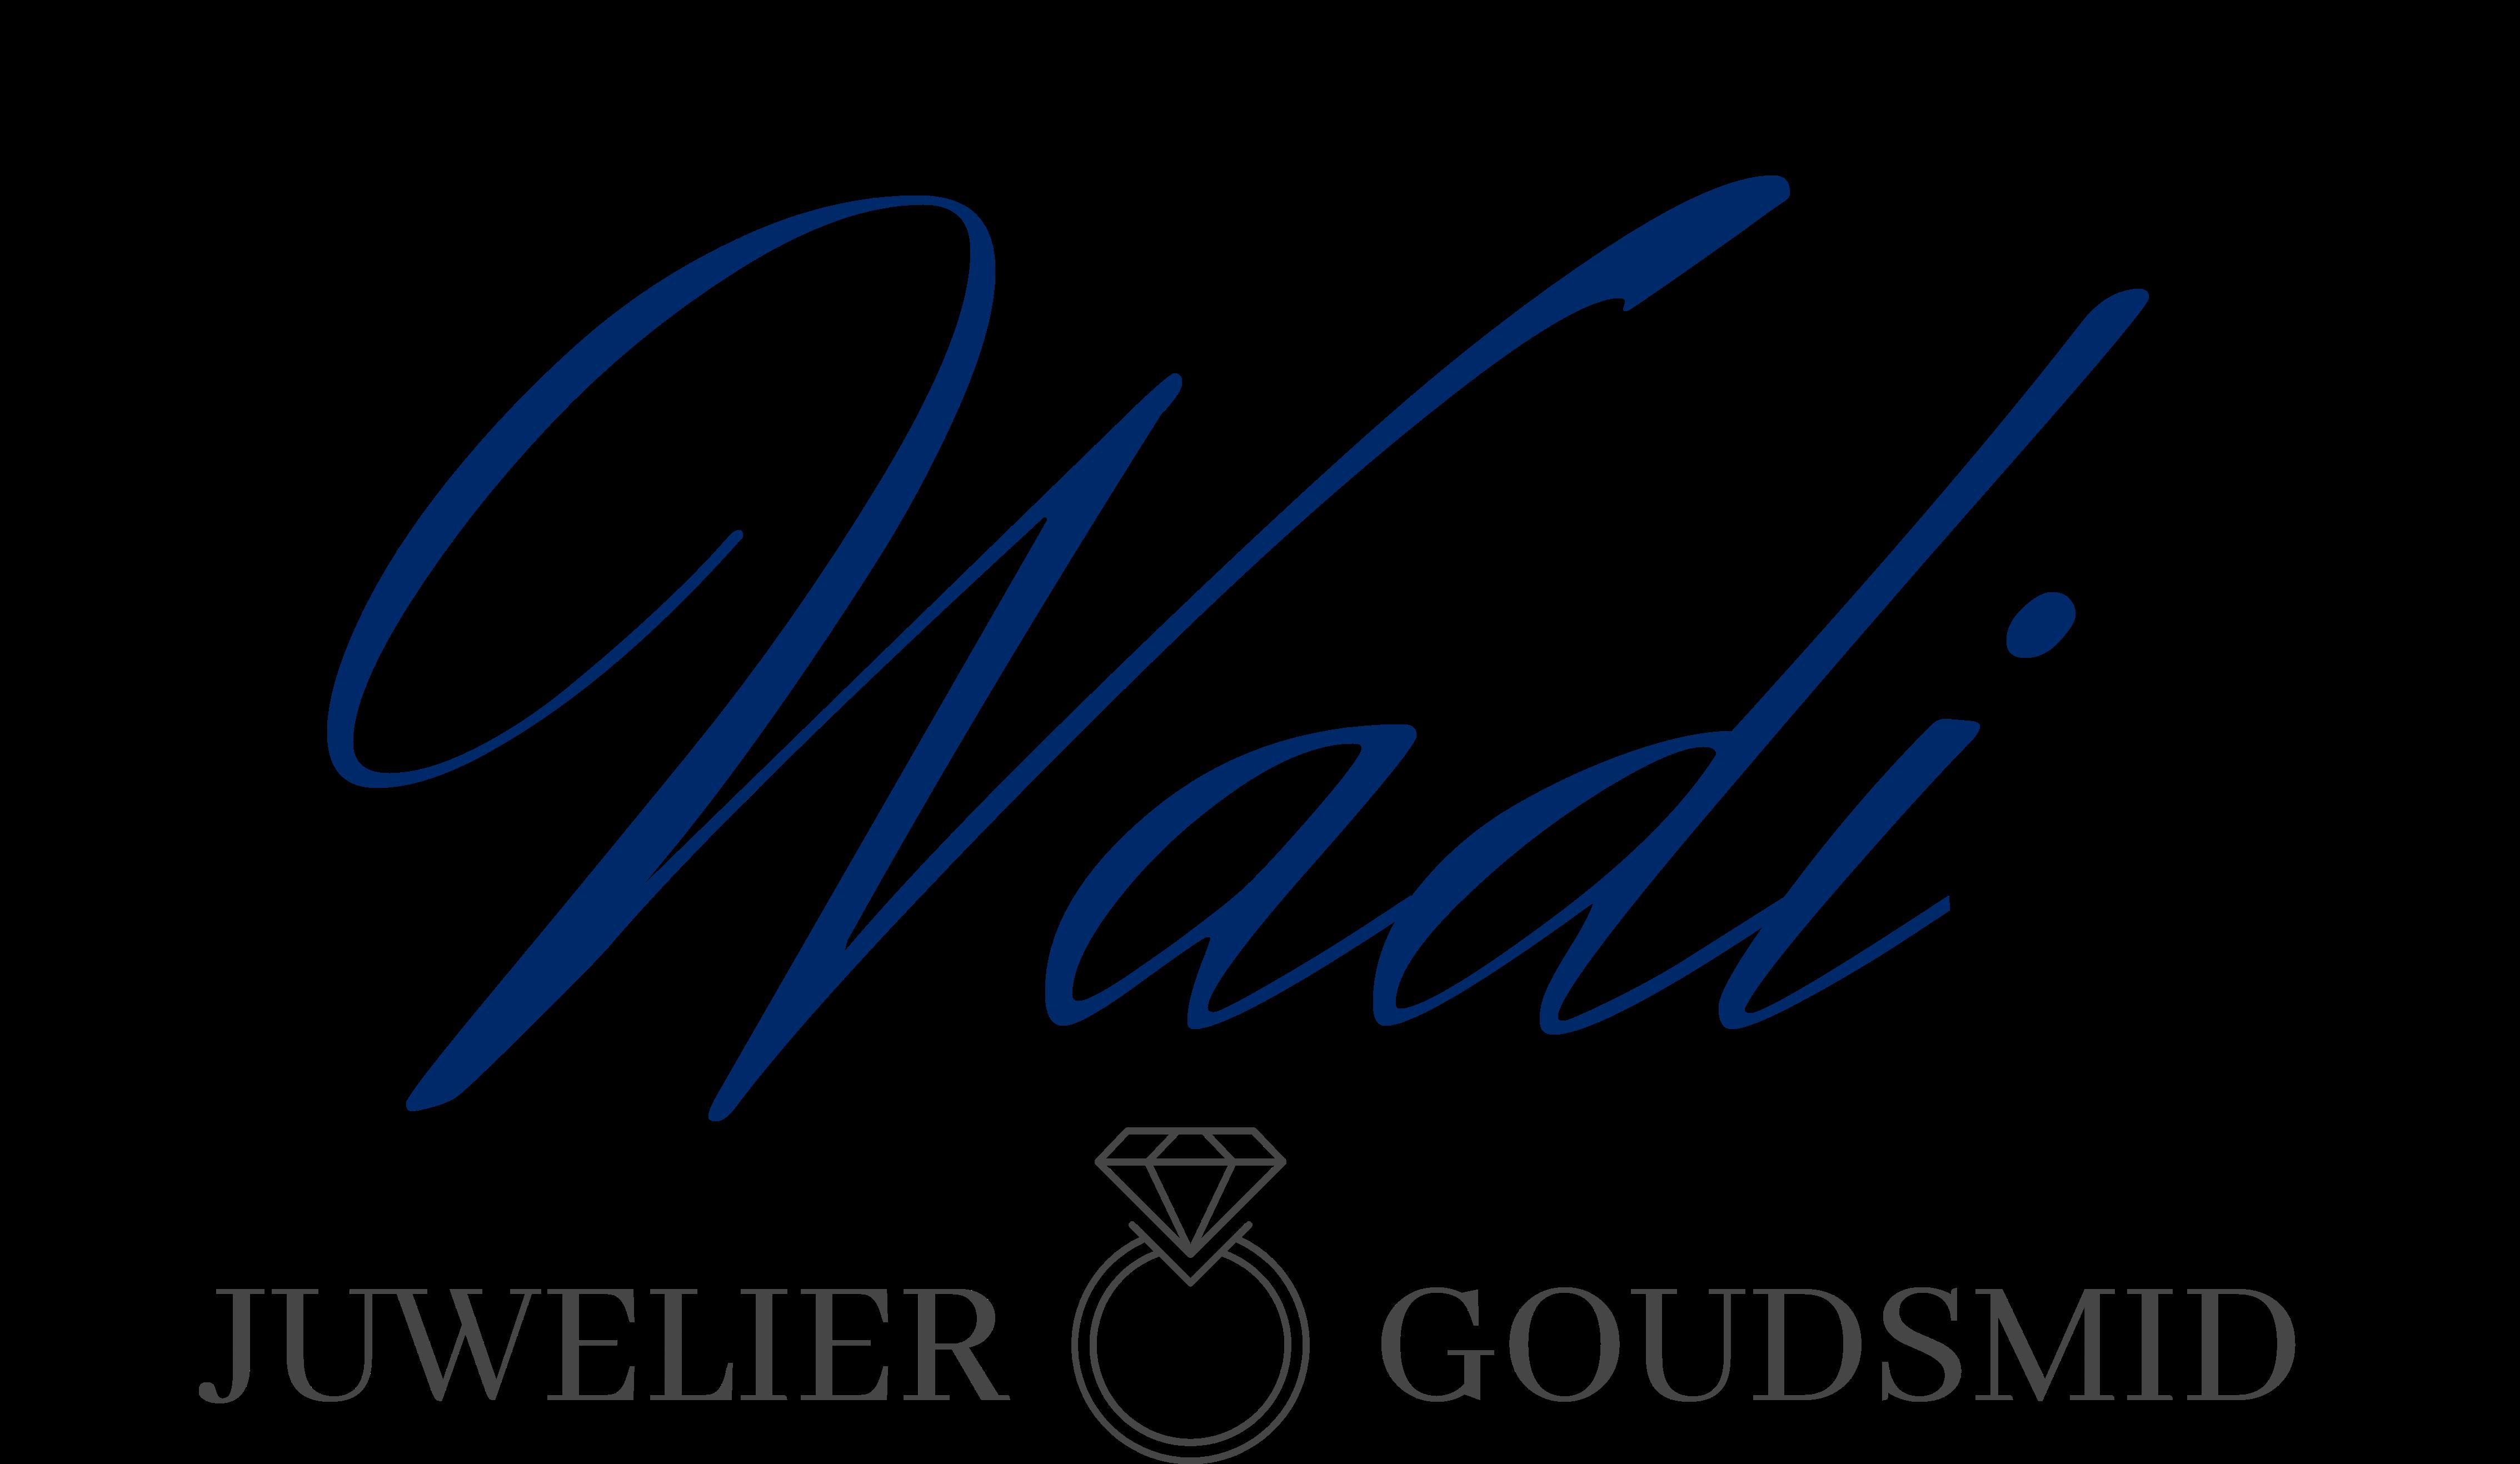 Wadi Juwelier